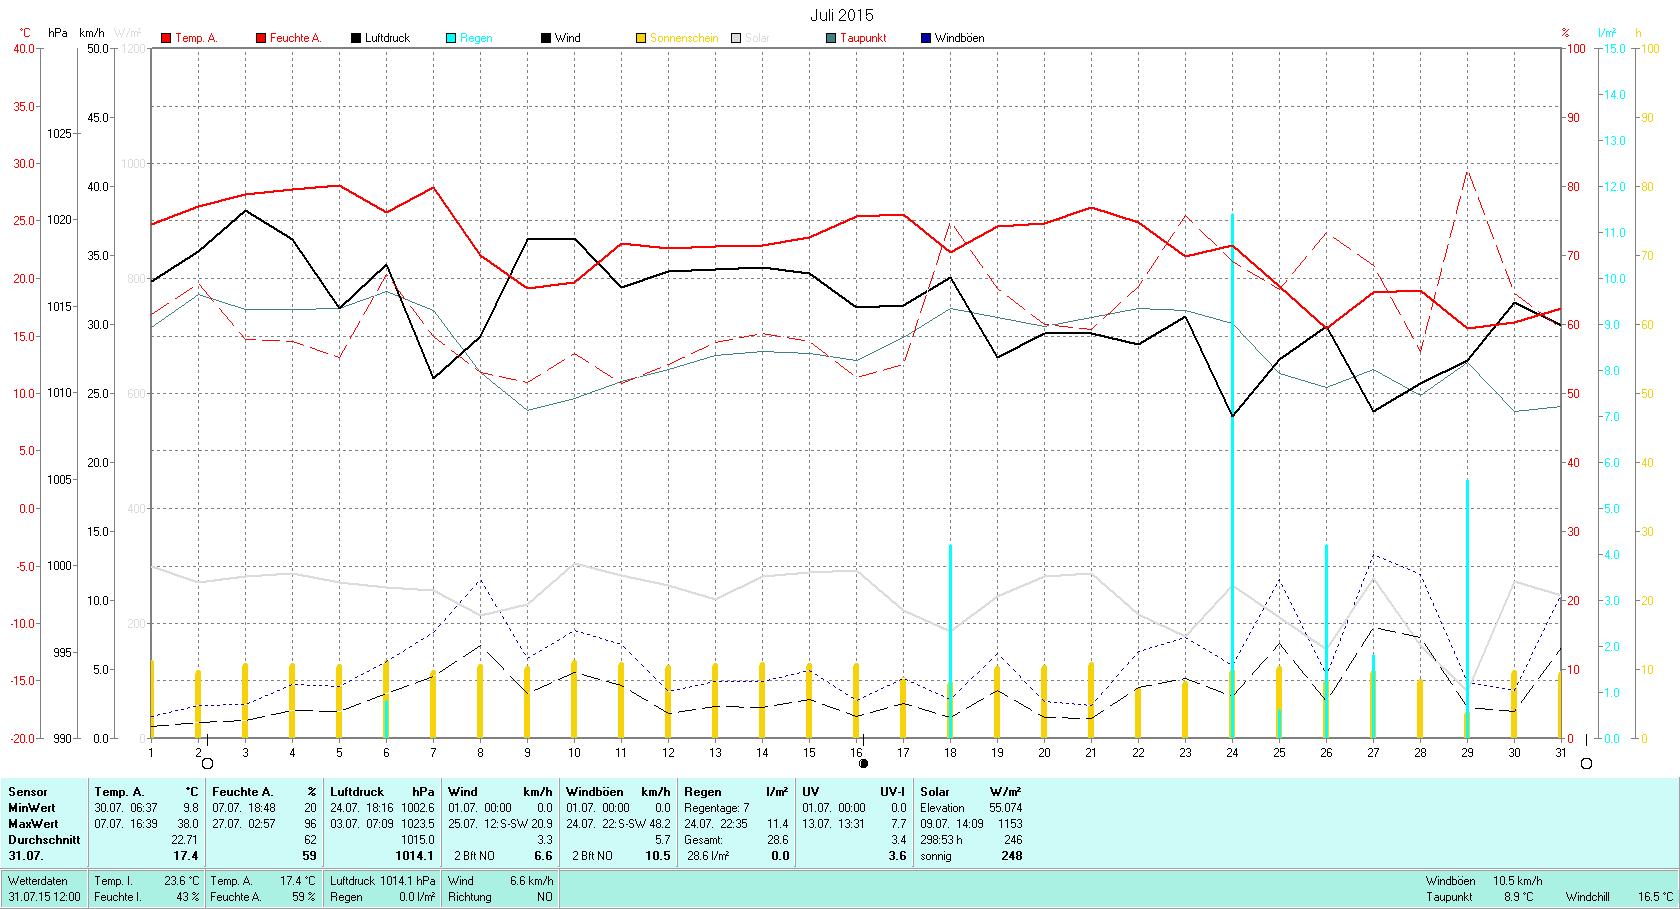 Juli 2015 Tmin 9.8°C, Tmax 38.0°C, Sonne 298.53h, Niederschlag 28.6mm/2